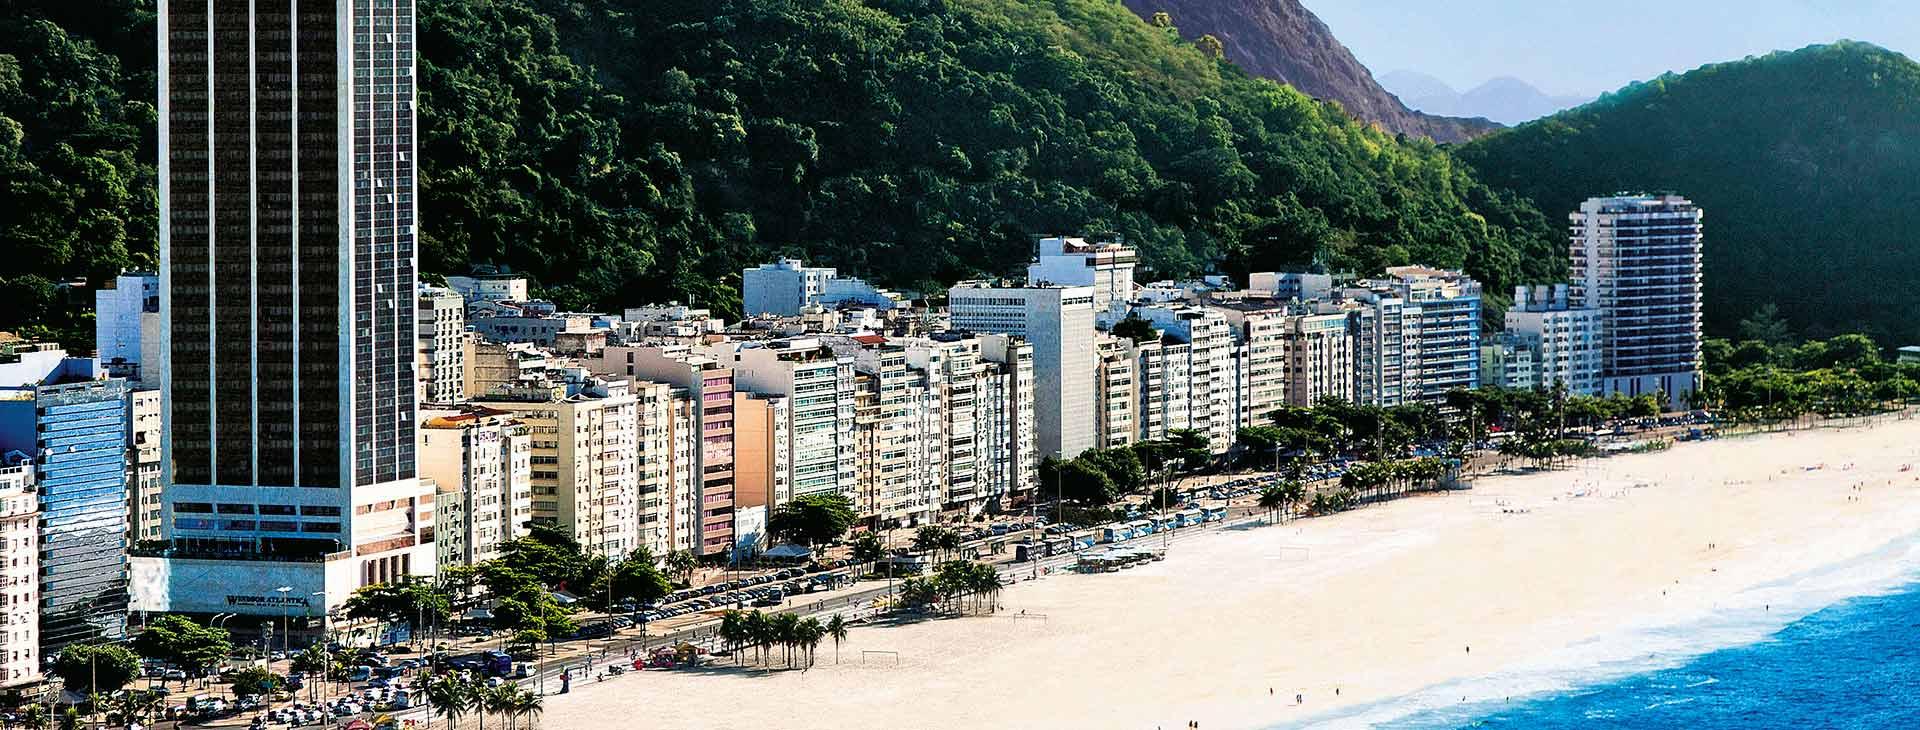 Windsor Atlantica Brazylia Rio de Janeiro